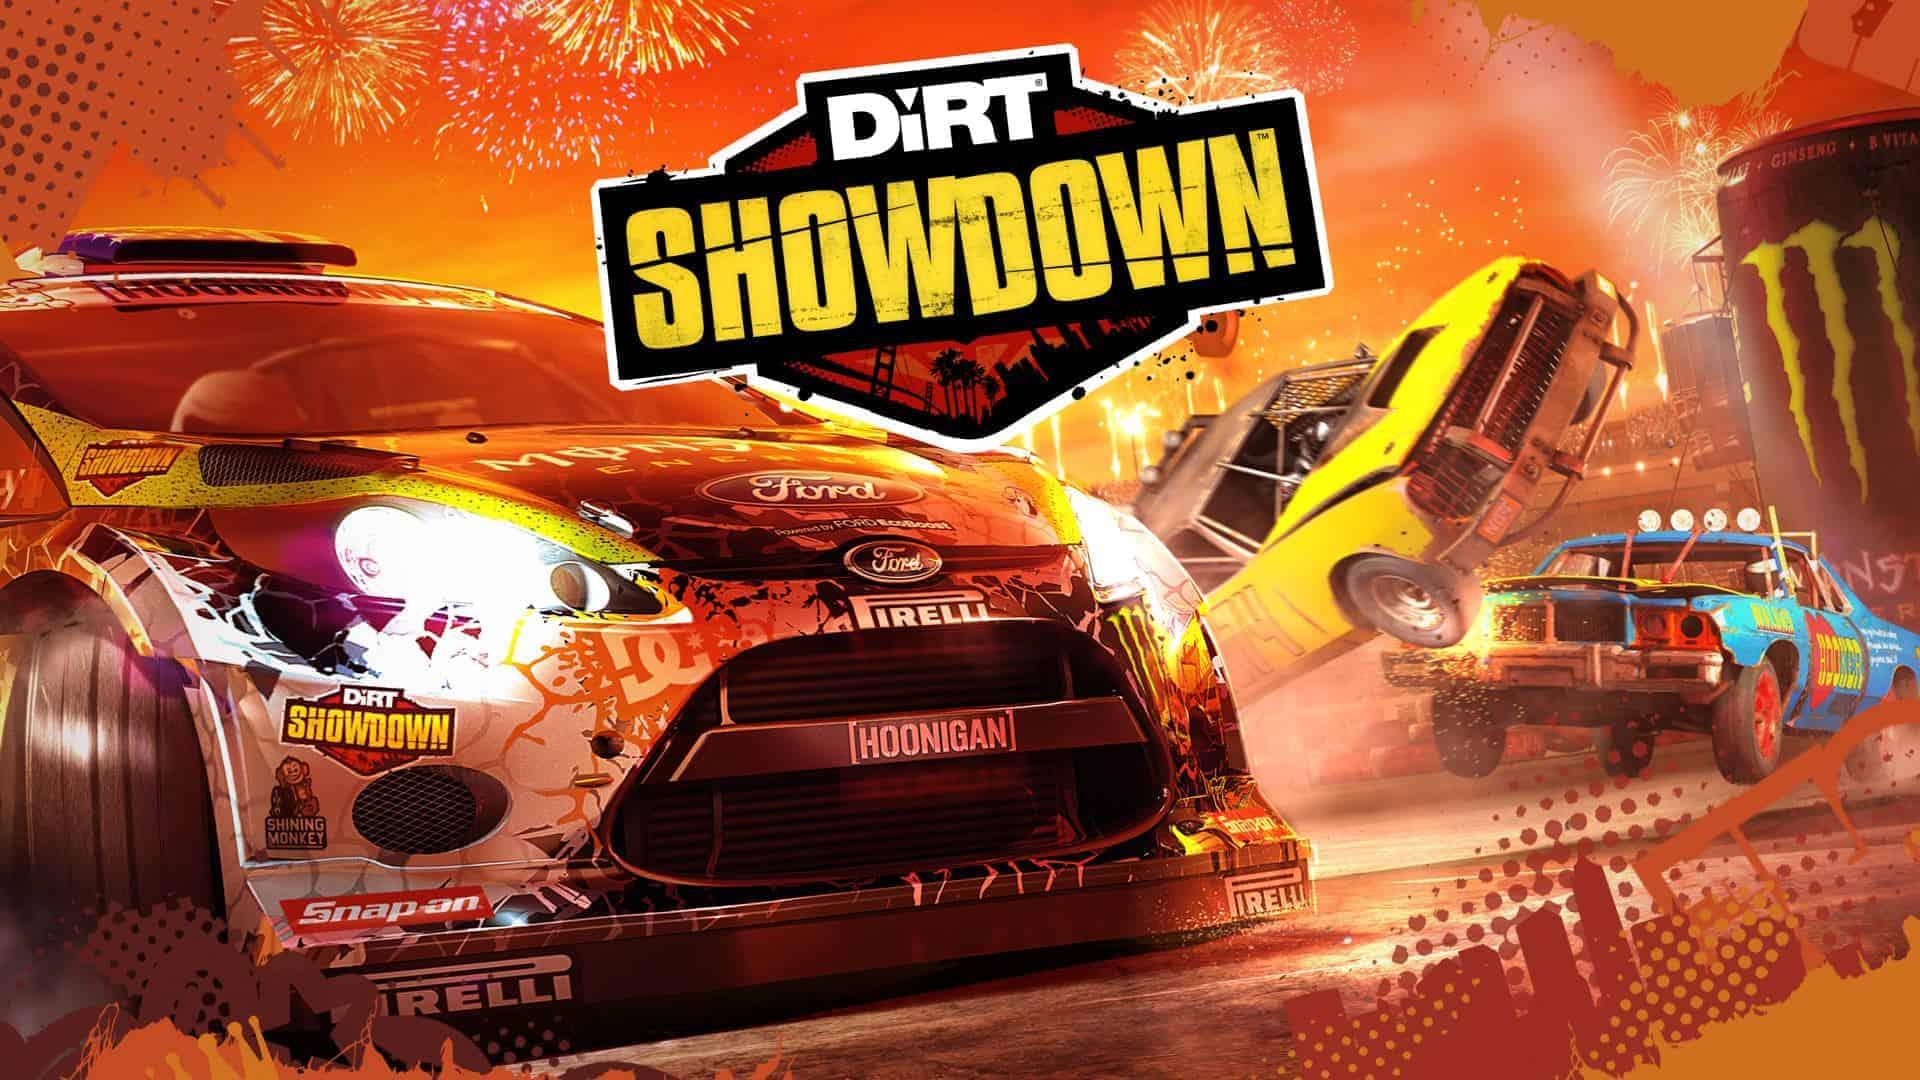 Dirt Showdown Herunterladen und frei PC